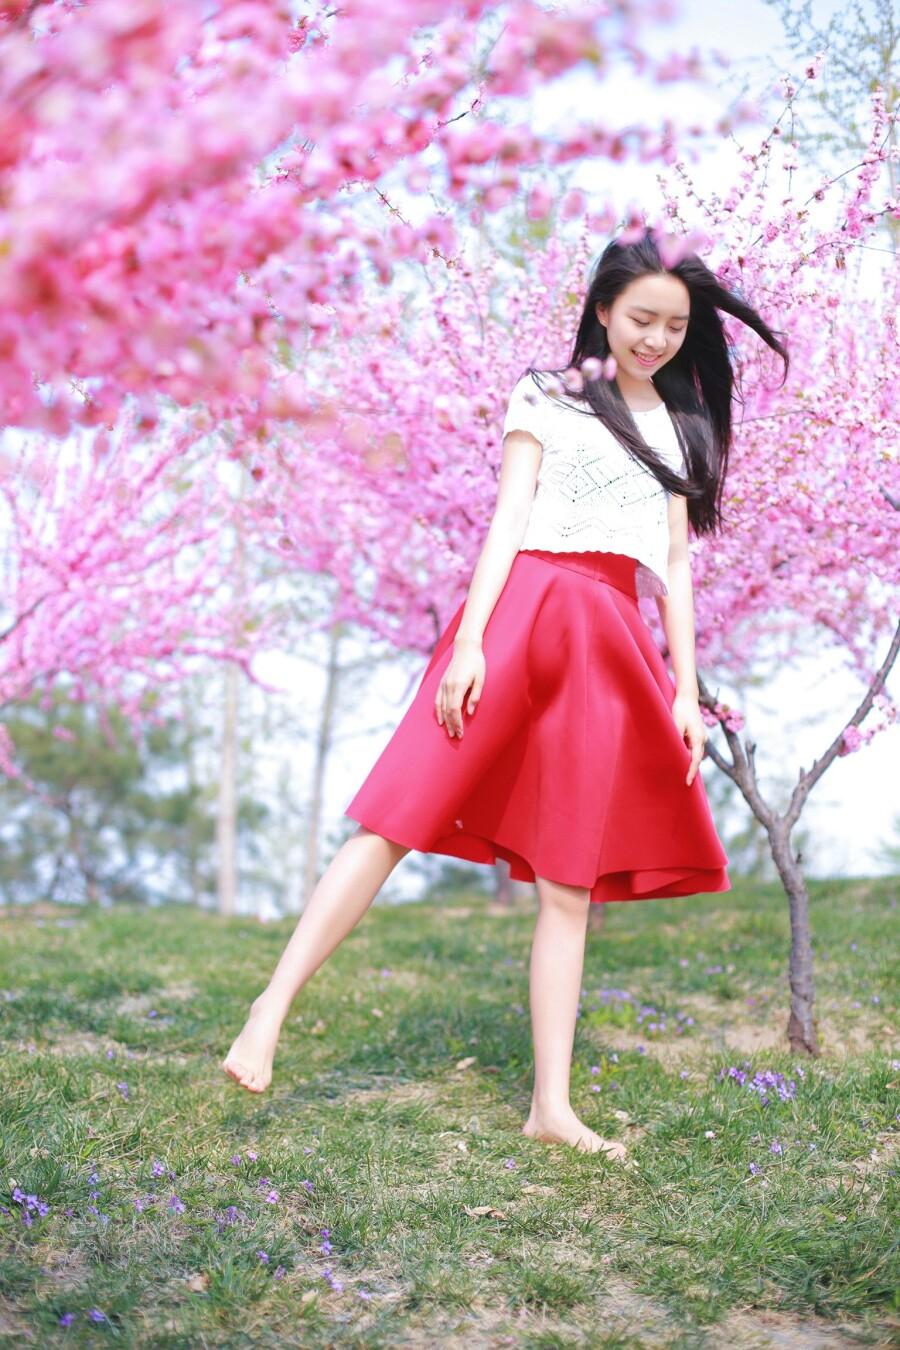 桃花开了 - 春色满园 - 春色满园